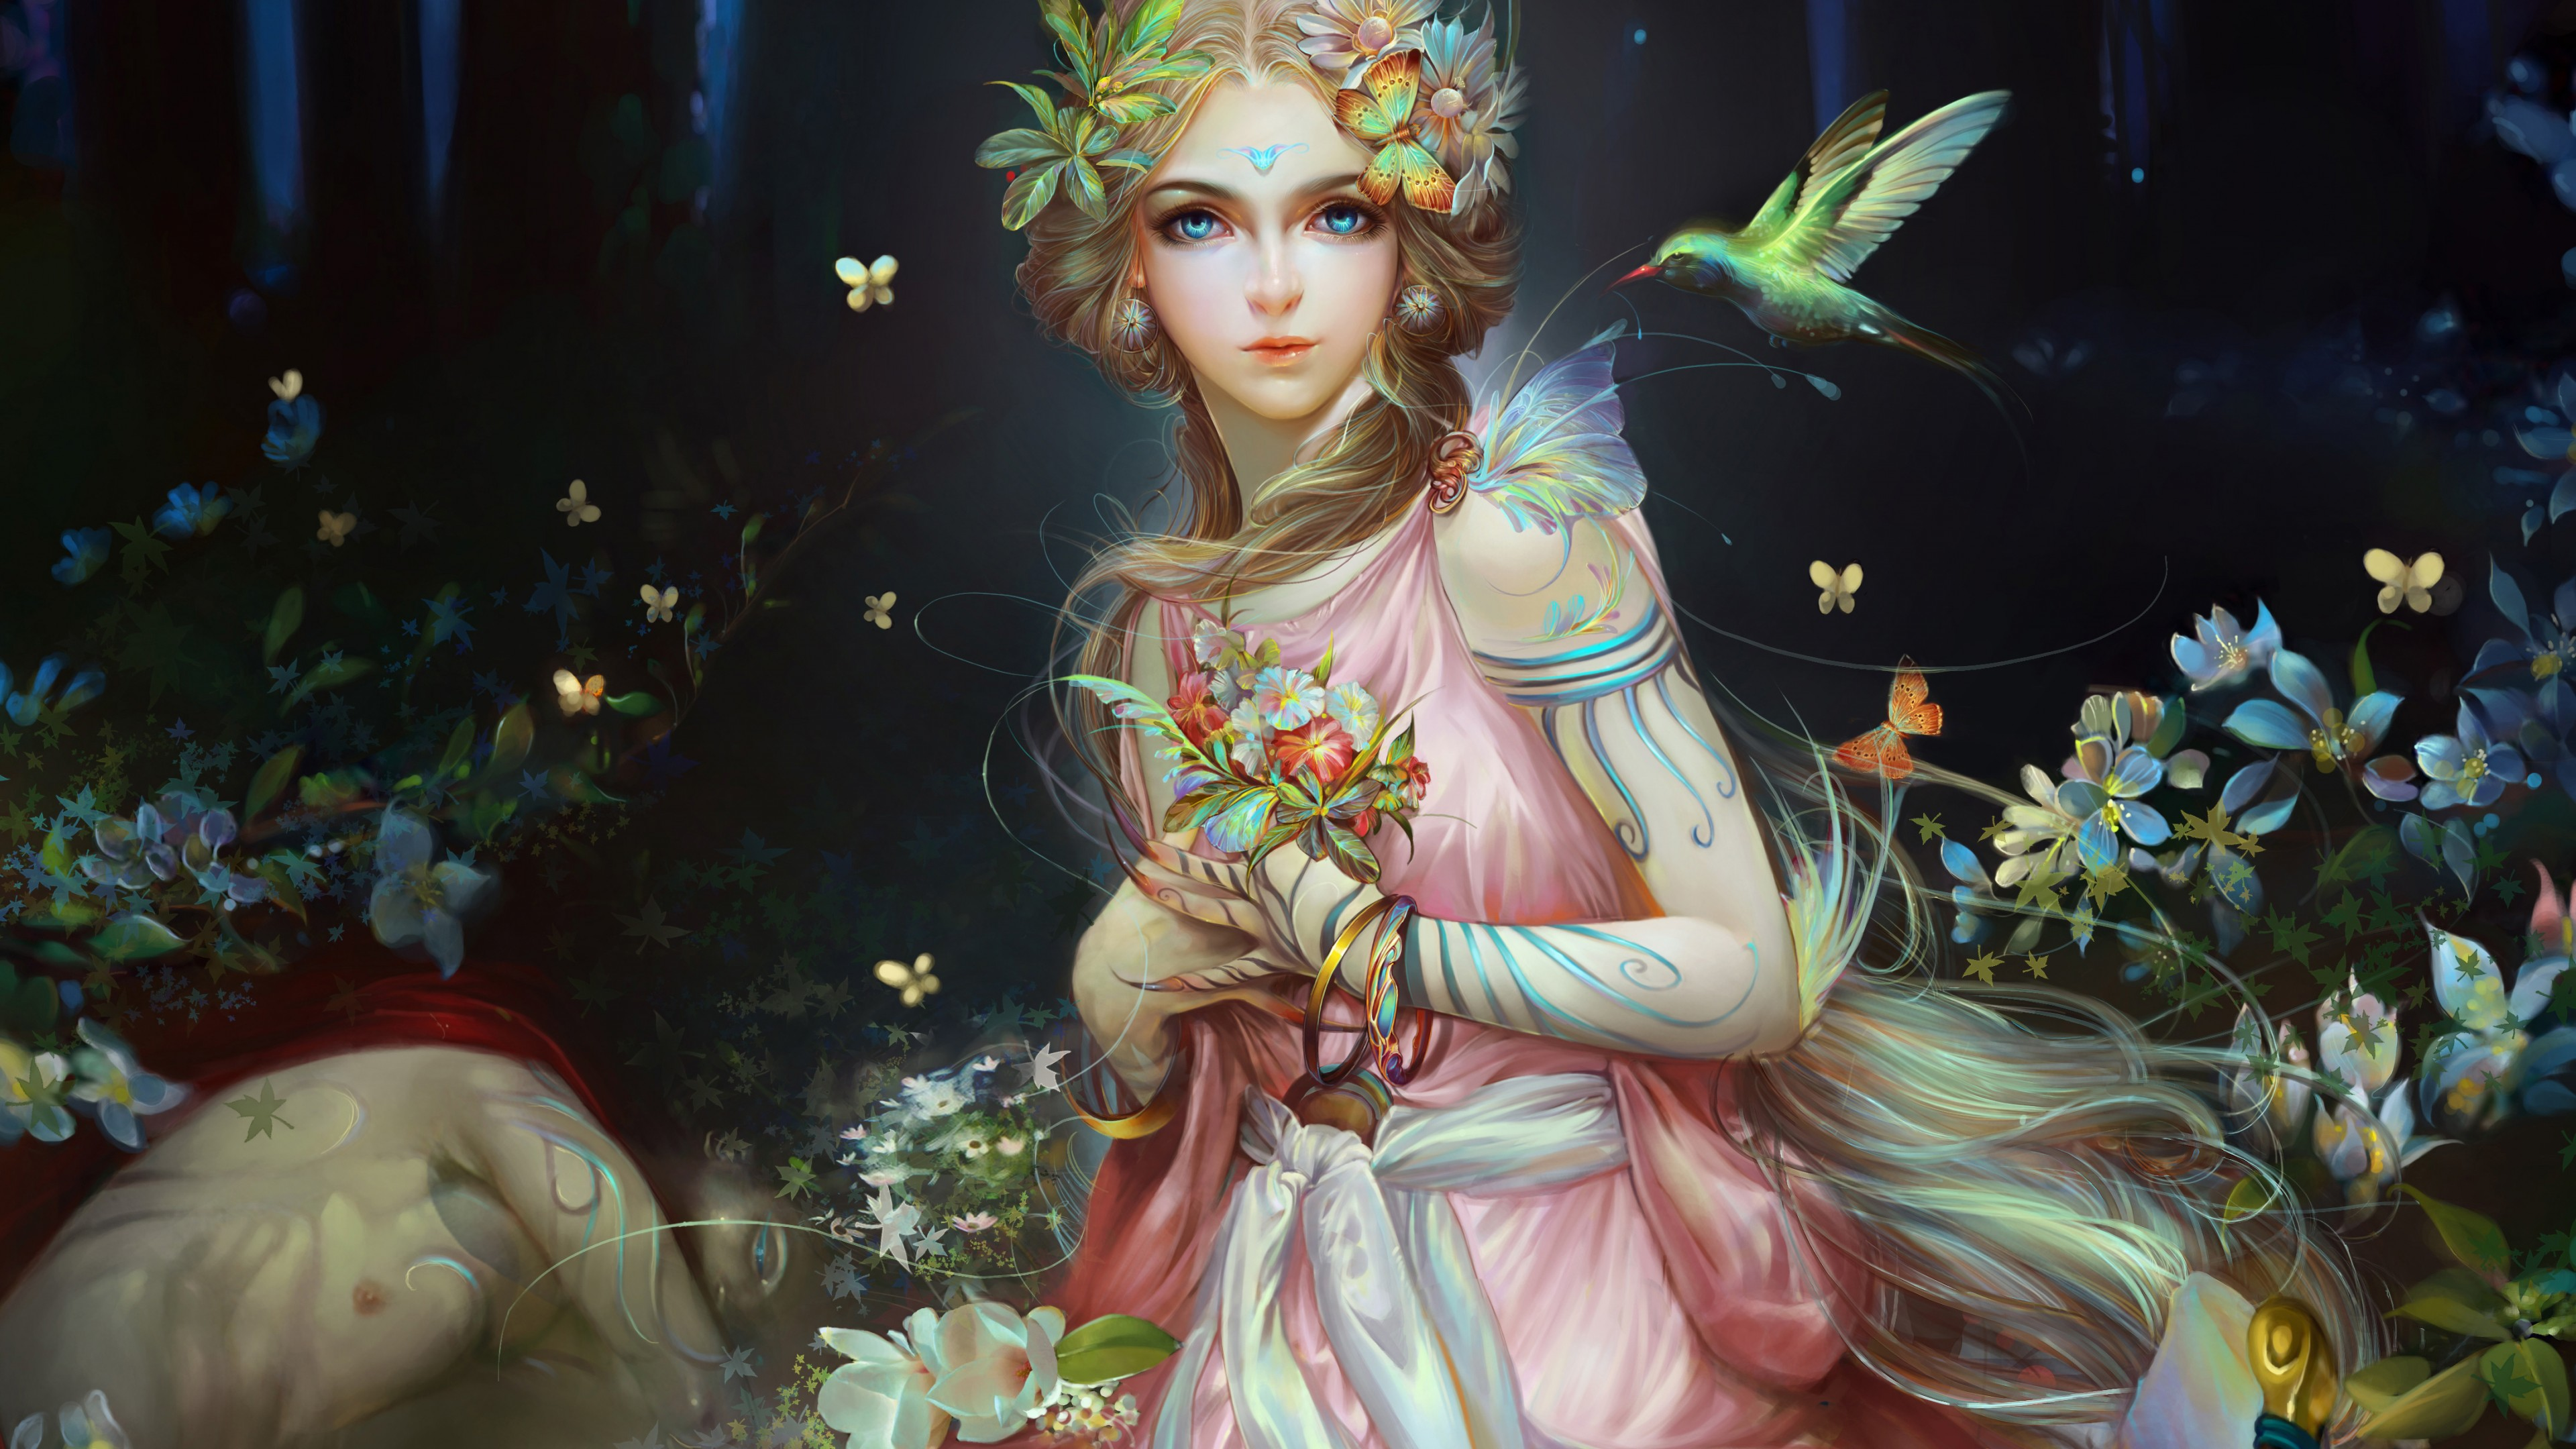 Девушка-фея с голубыми глазами в волшебном сказочном лесу